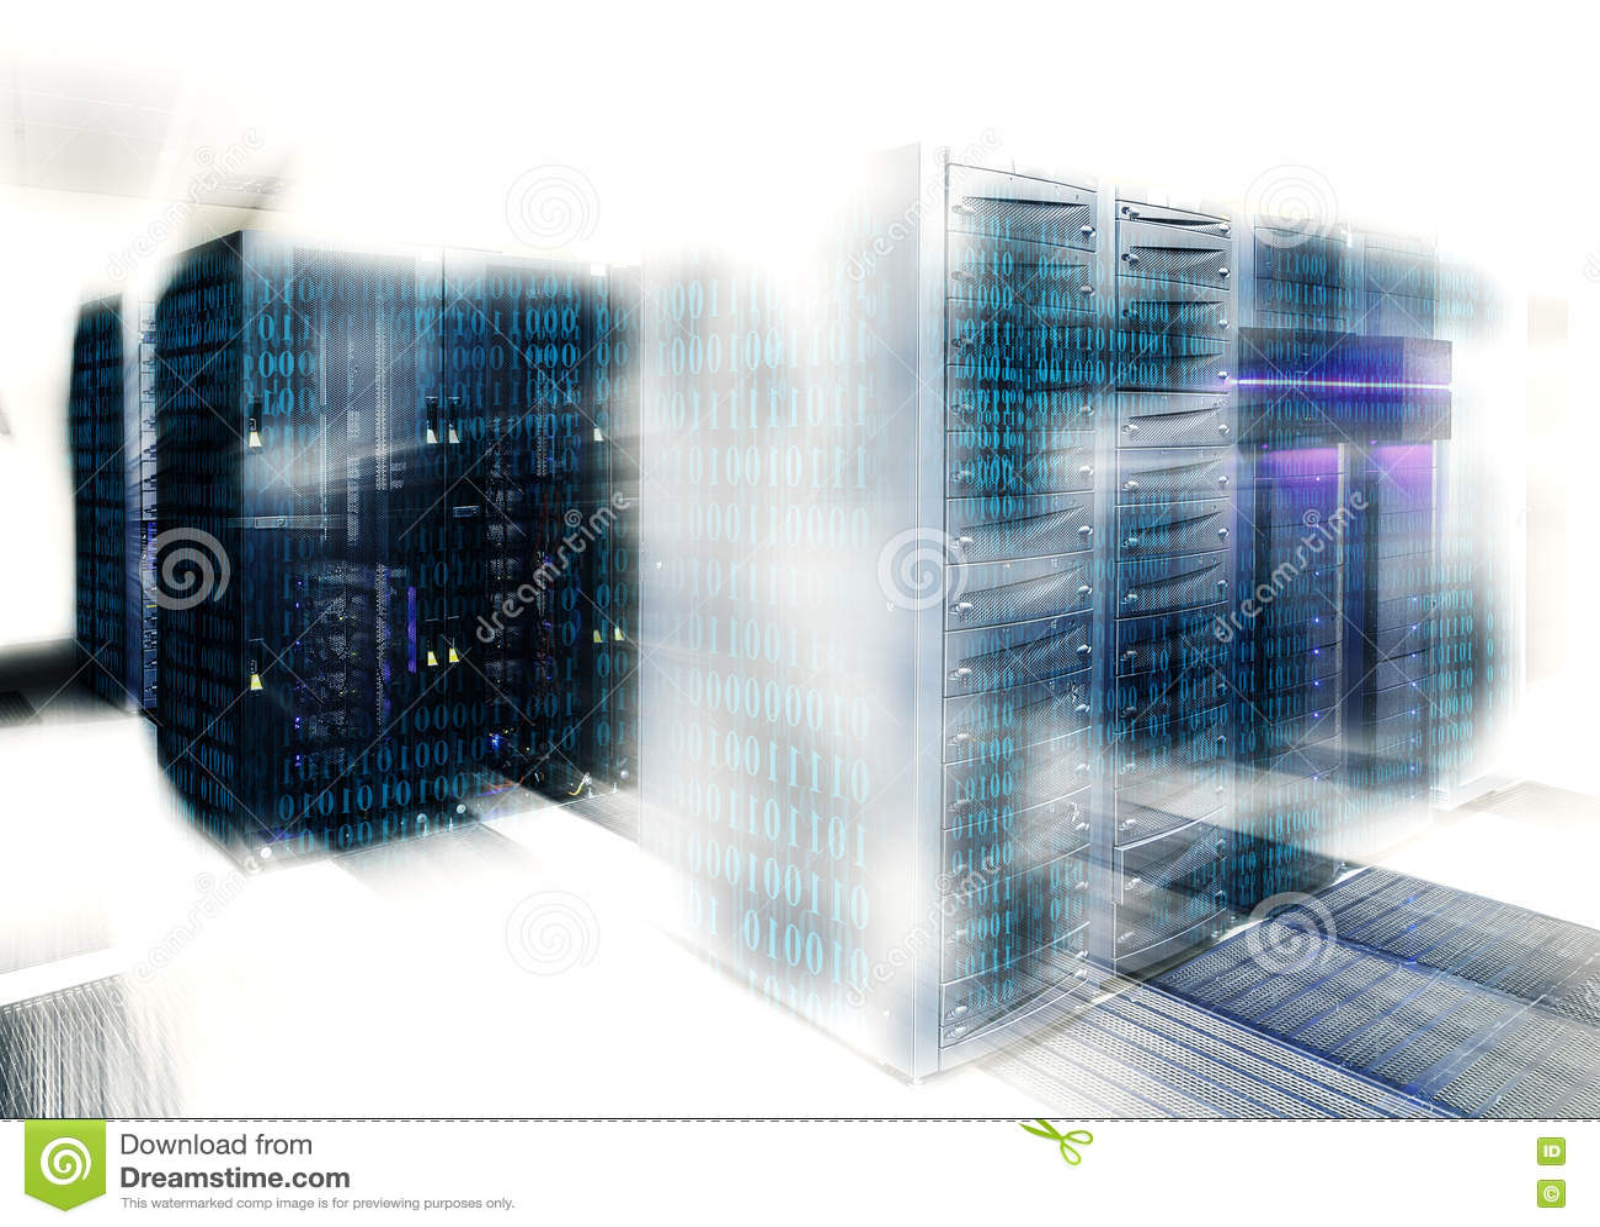 O código binário cobre uma parcela de unidade central no centro de dados